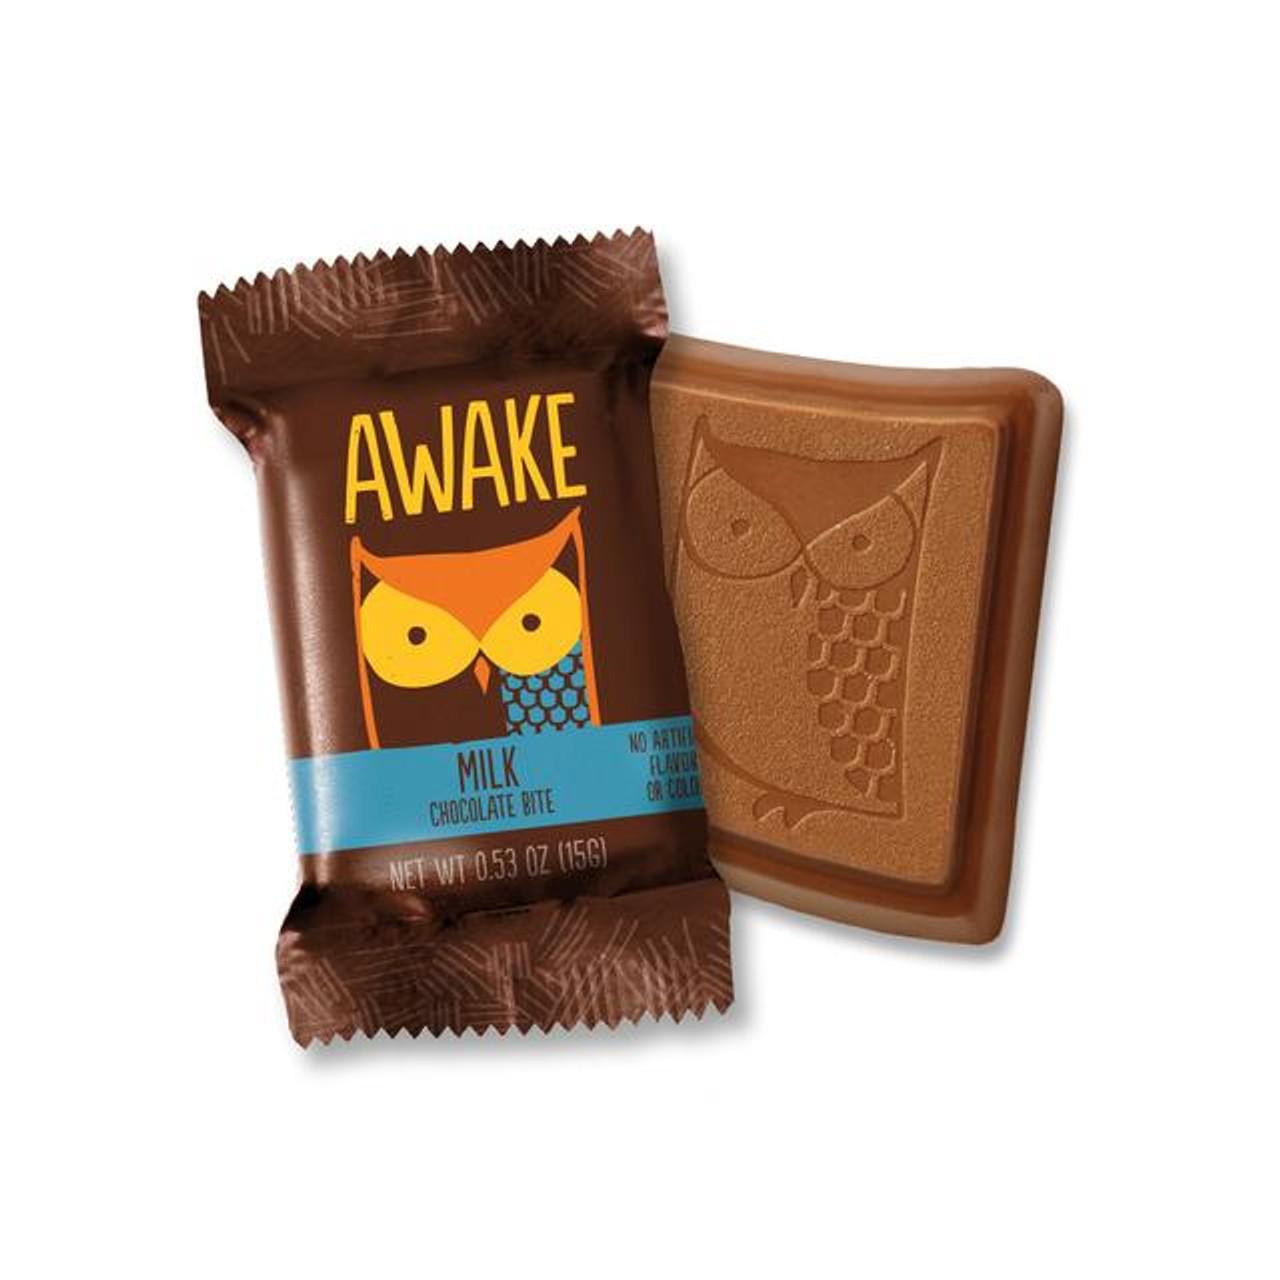 Awake Caffeinated Milk Chocolate Bites